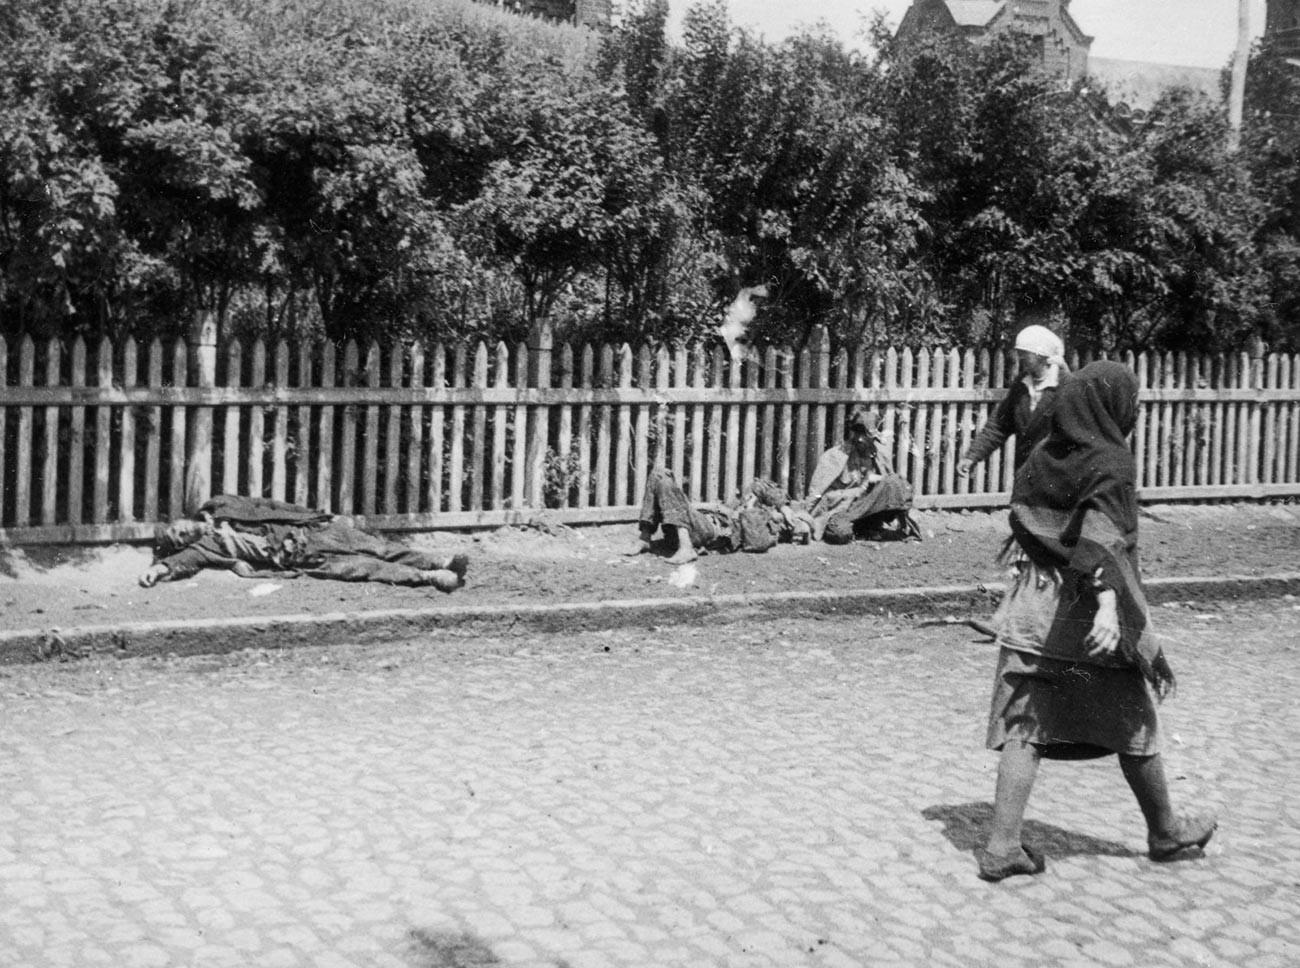 Camponeses em estado de inanição em rua de Carcóvia, 1933